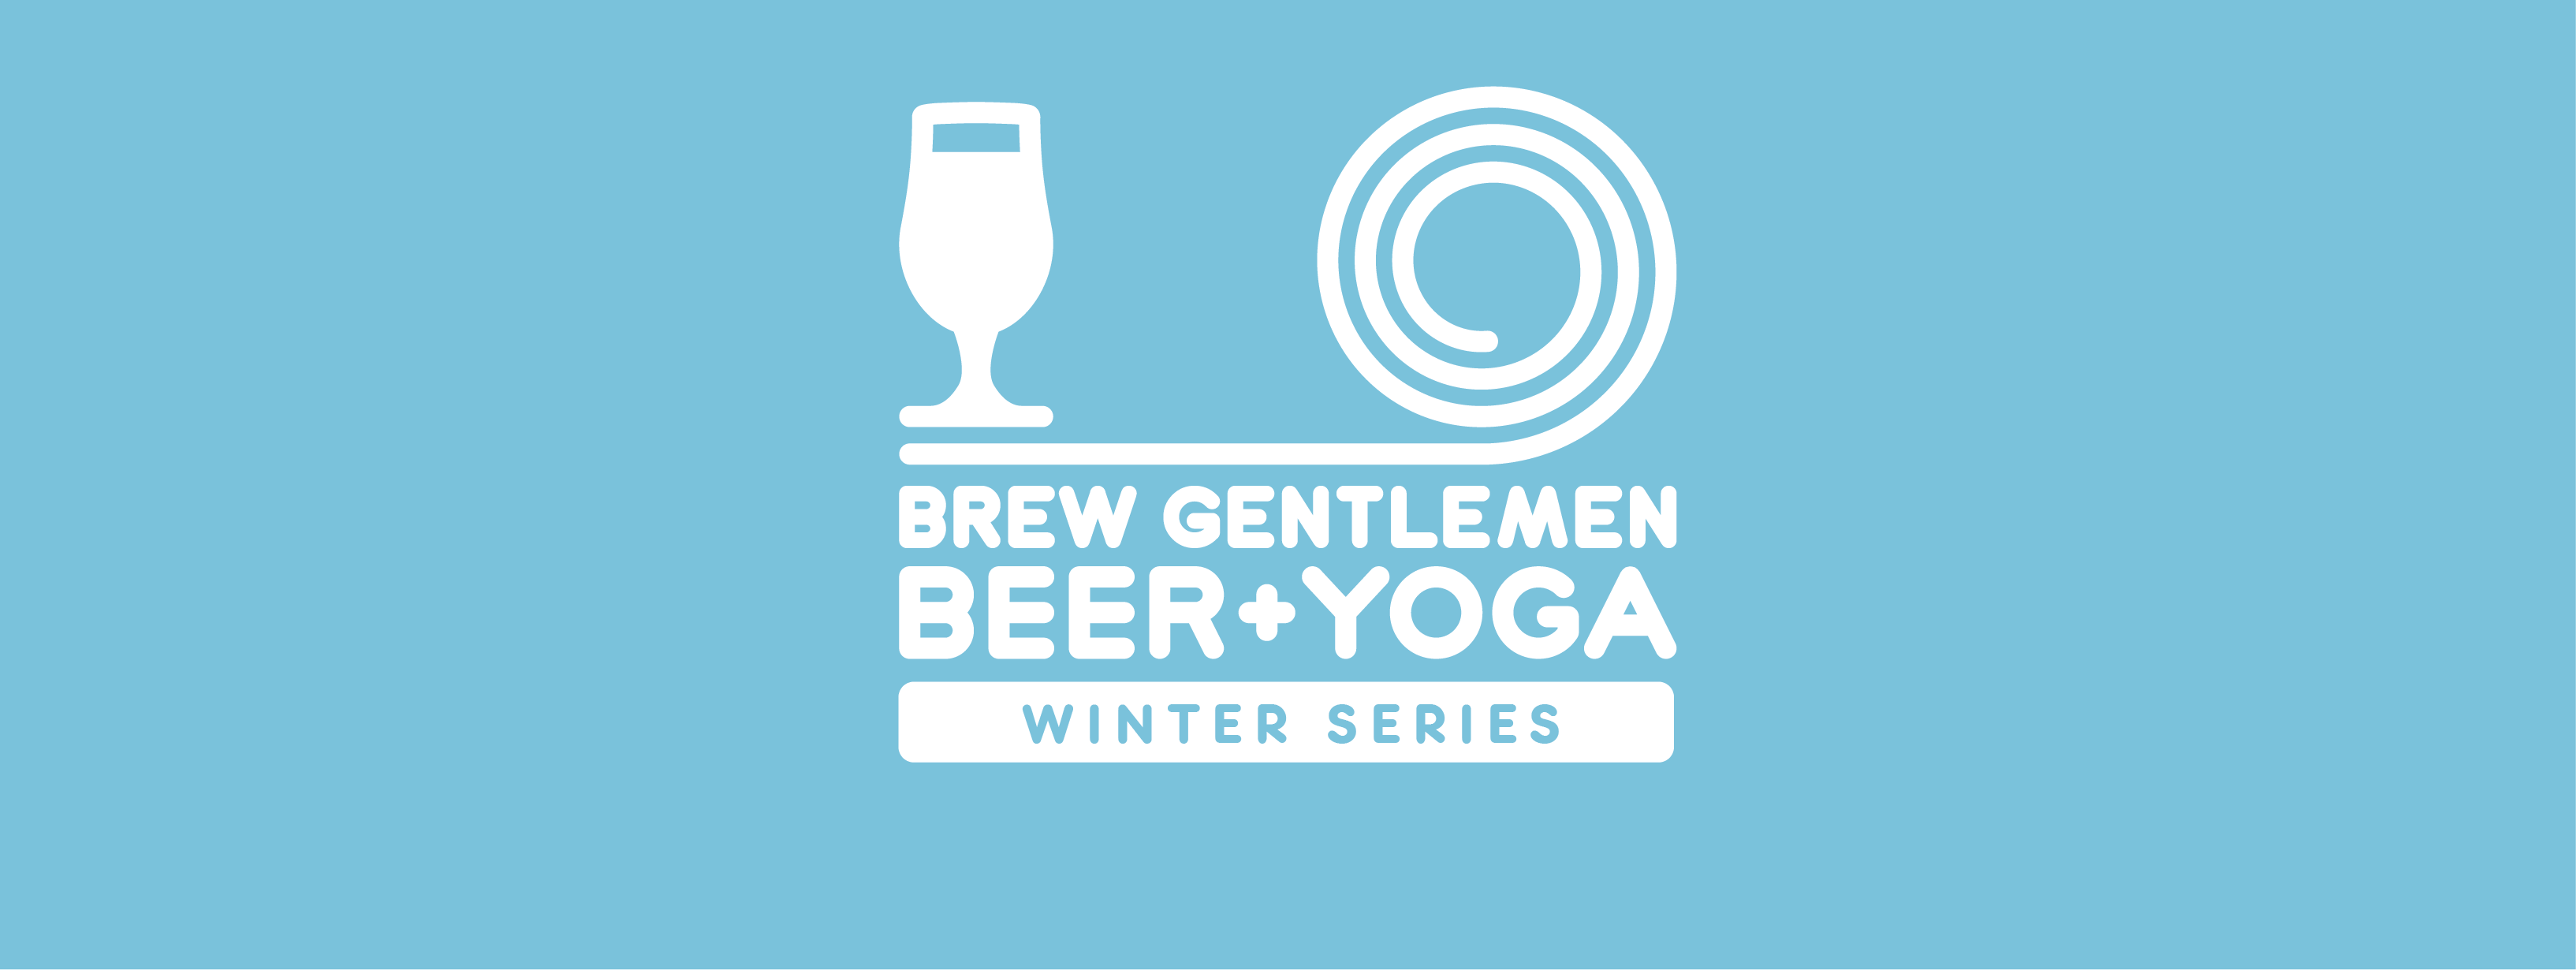 Beer + Yoga: Winter Series